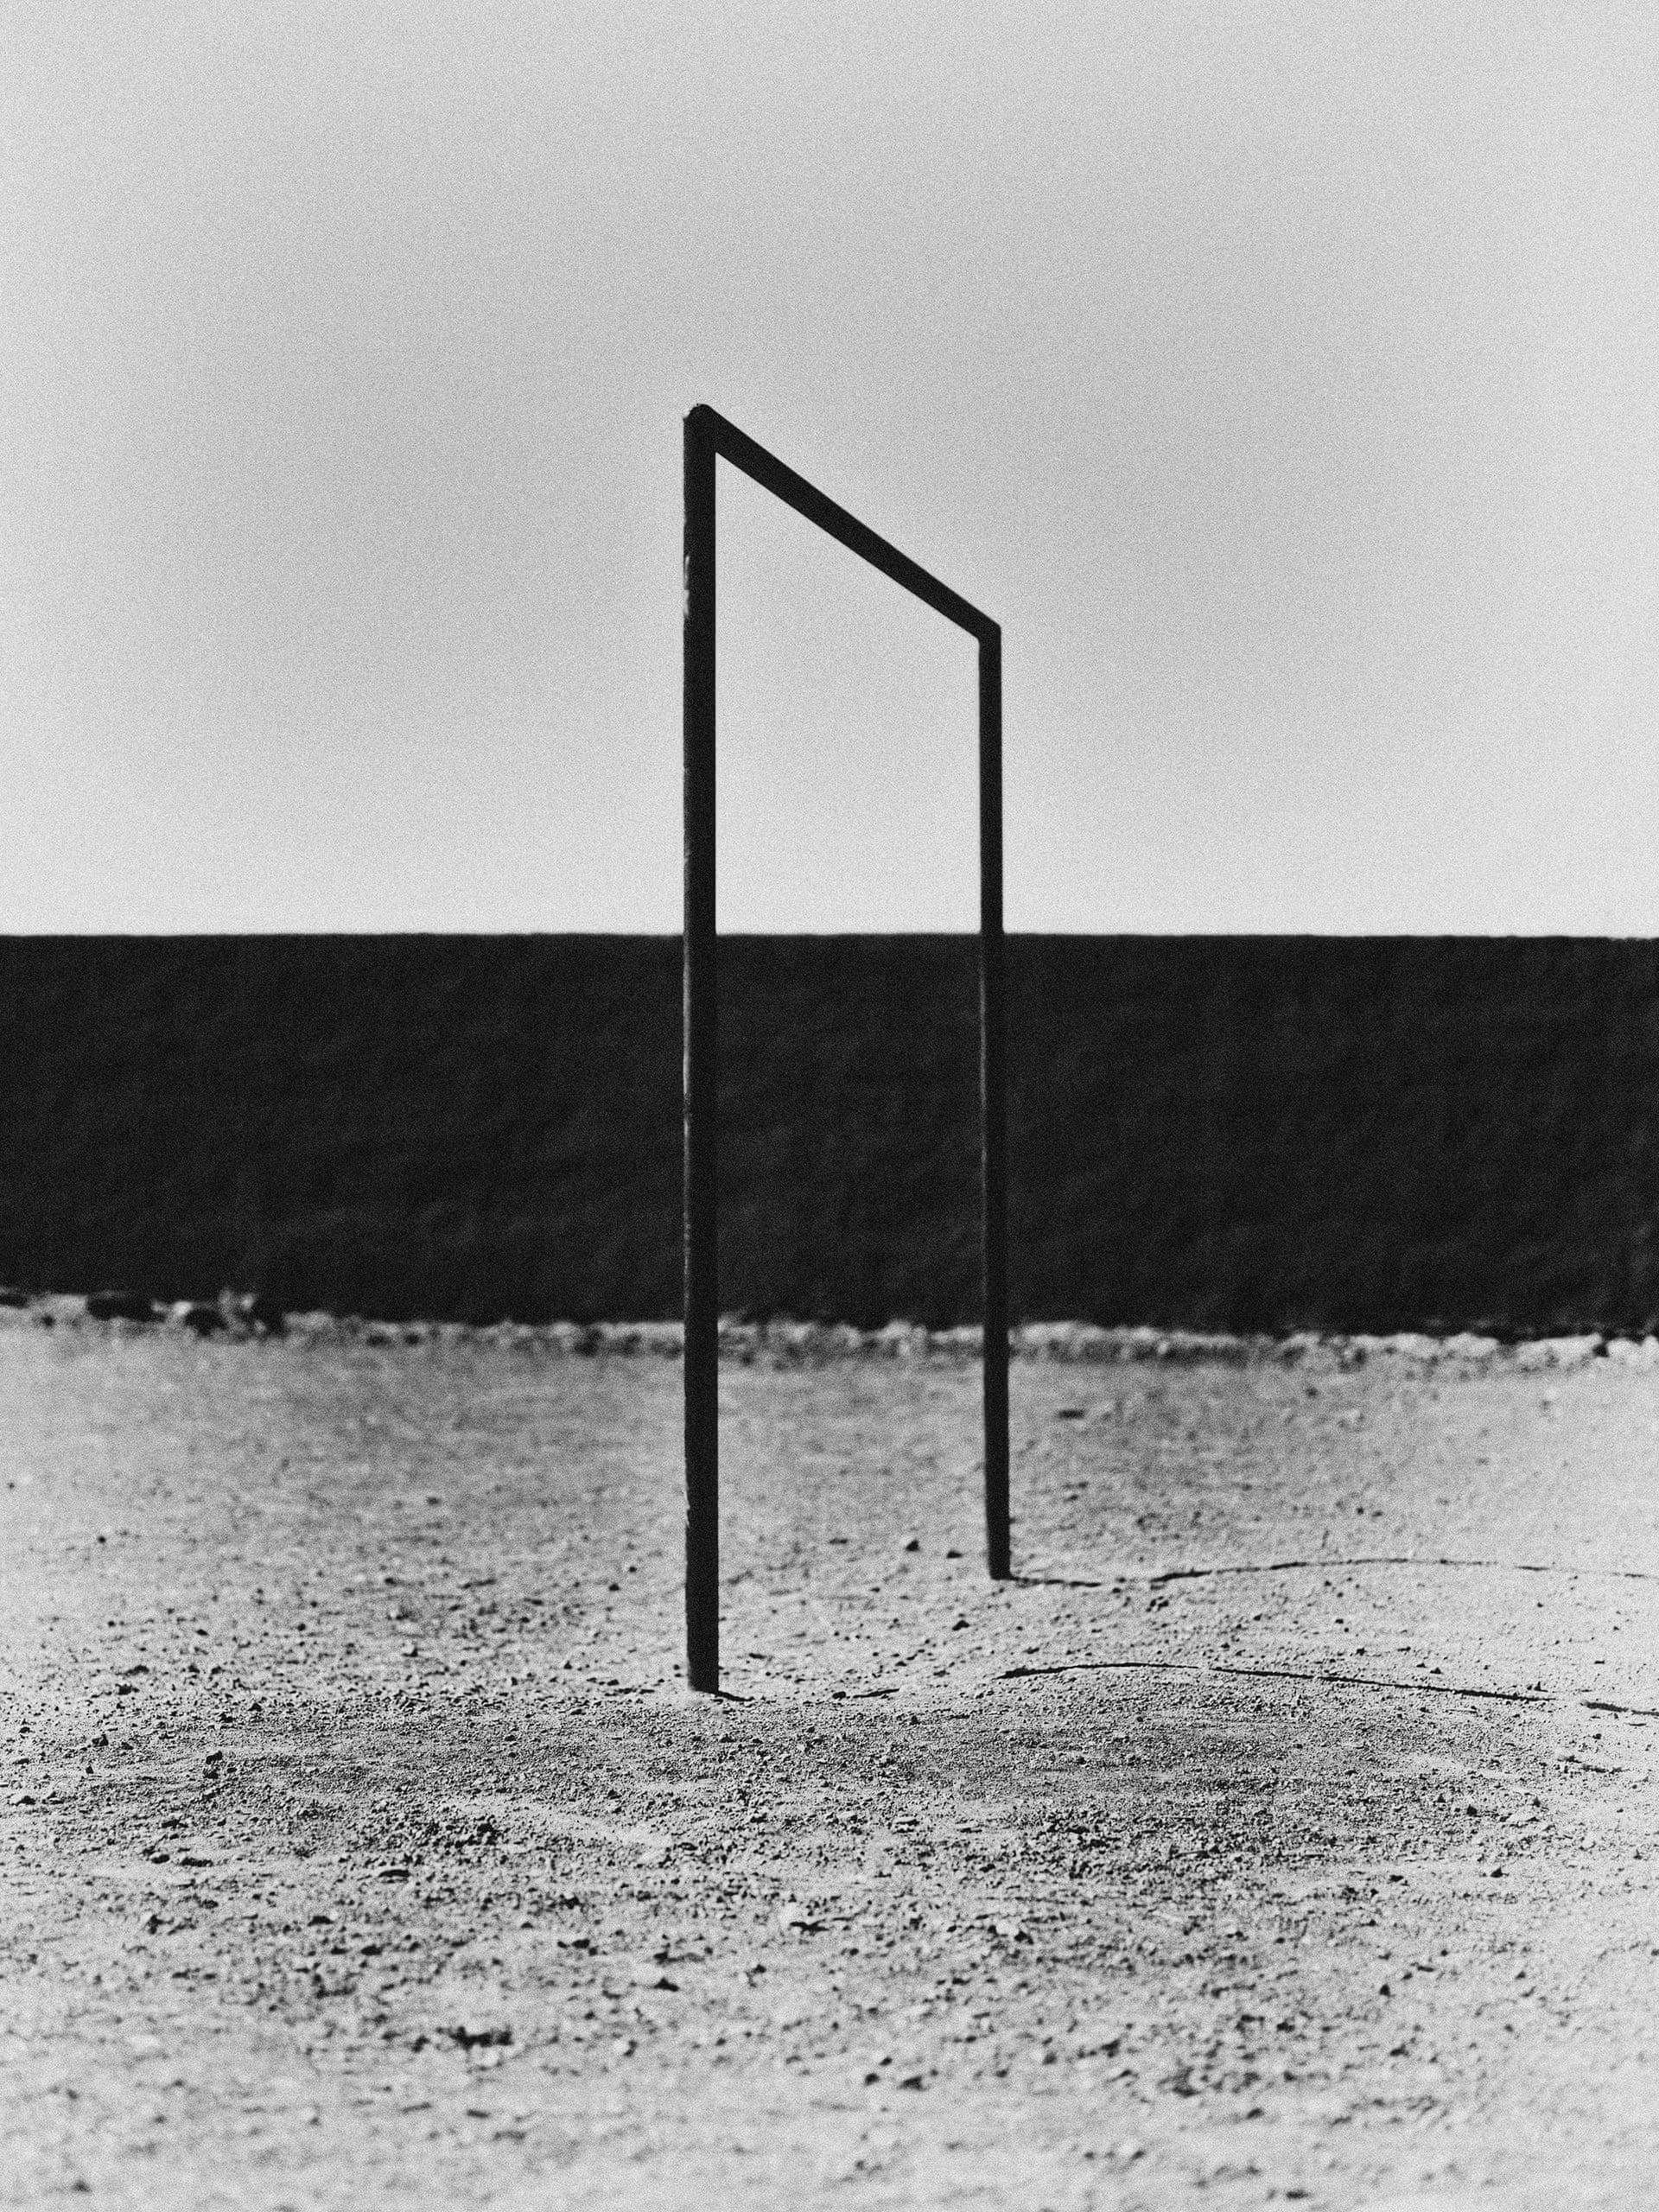 Black & White fotografia di Bastiaan Woudt, calcio, porta